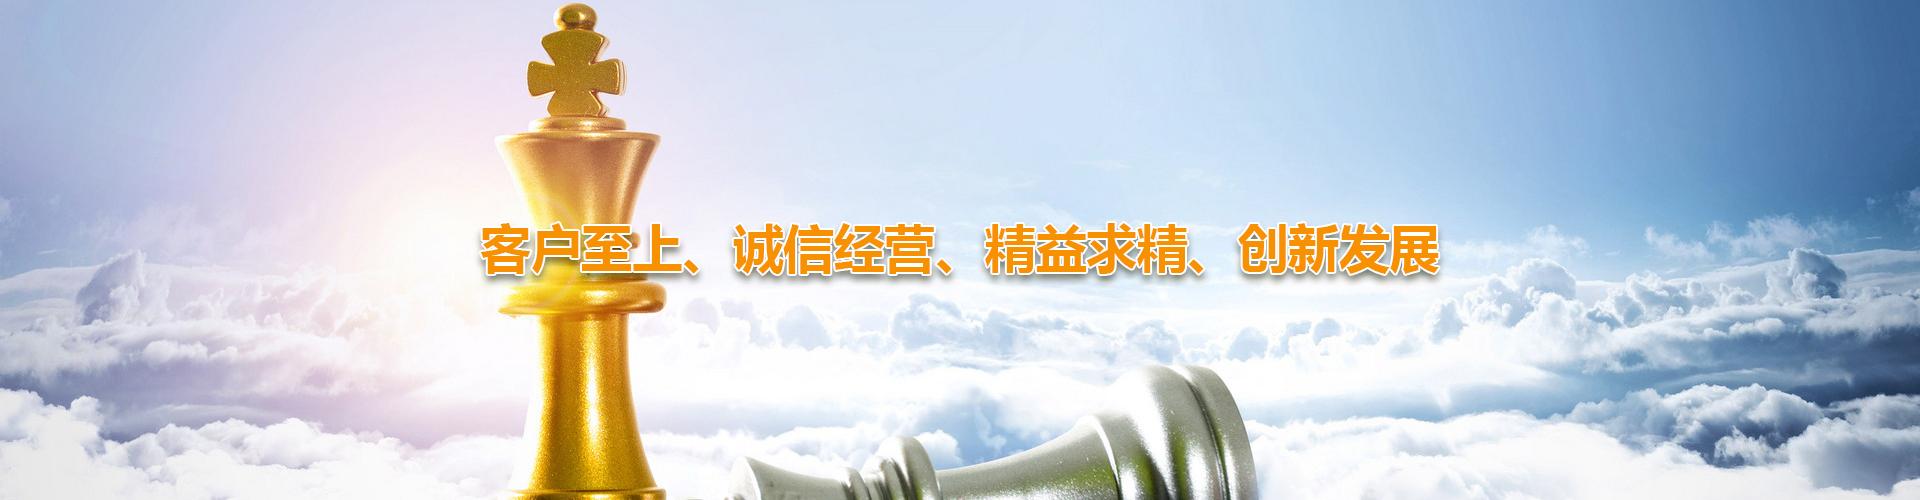 东莞市景川建筑材料有限公司